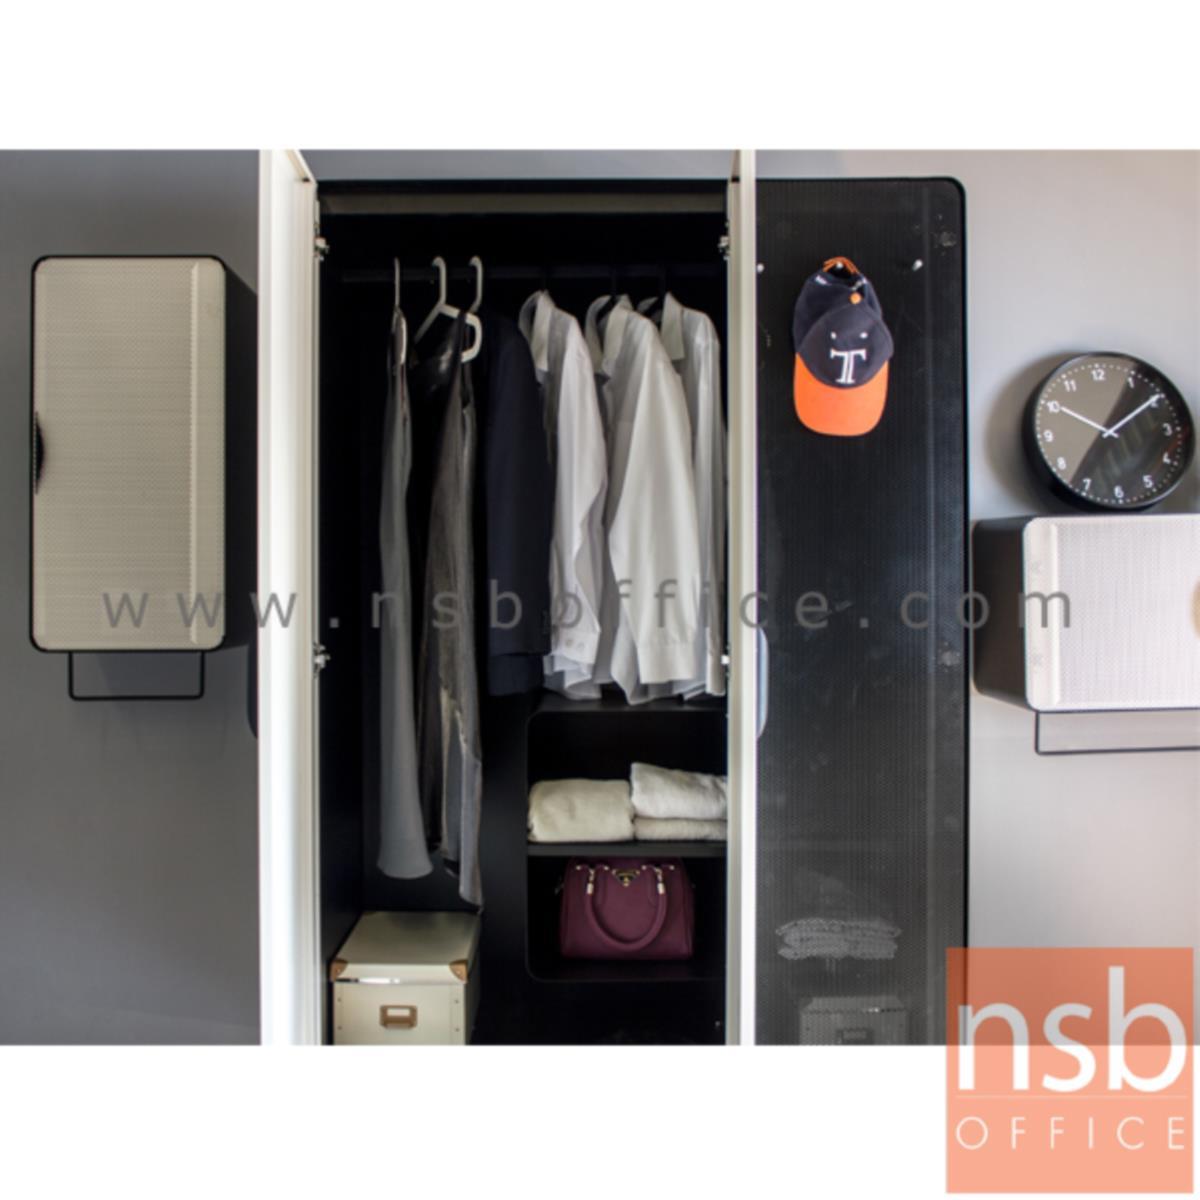 ชุดตู้เสื้อผ้ามุมมน 3 ชิ้น (ตู้เสื้อผ้า ตู้แขวนแนวตั้ง และตู้แขวนแนวนอน) รุ่น KO-PT